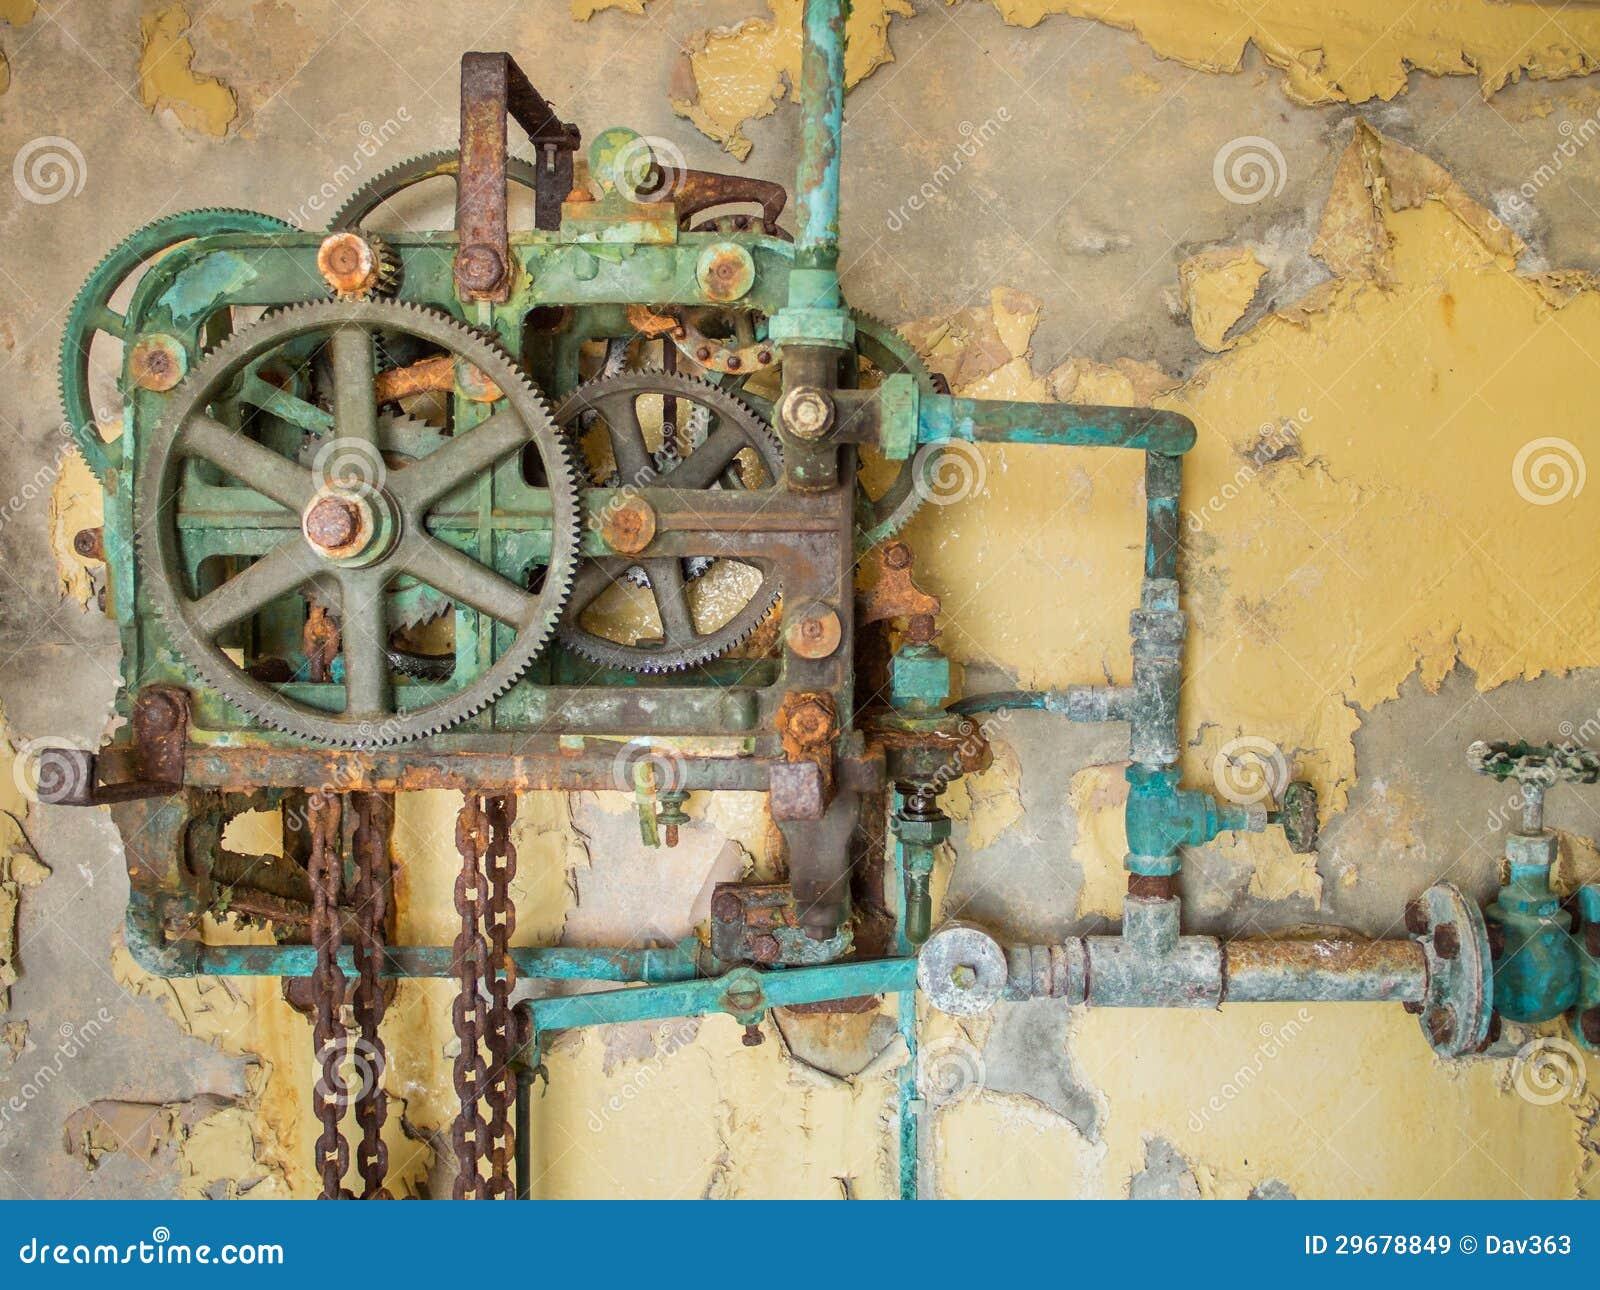 Παλαιός σκουριασμένος μηχανισμός